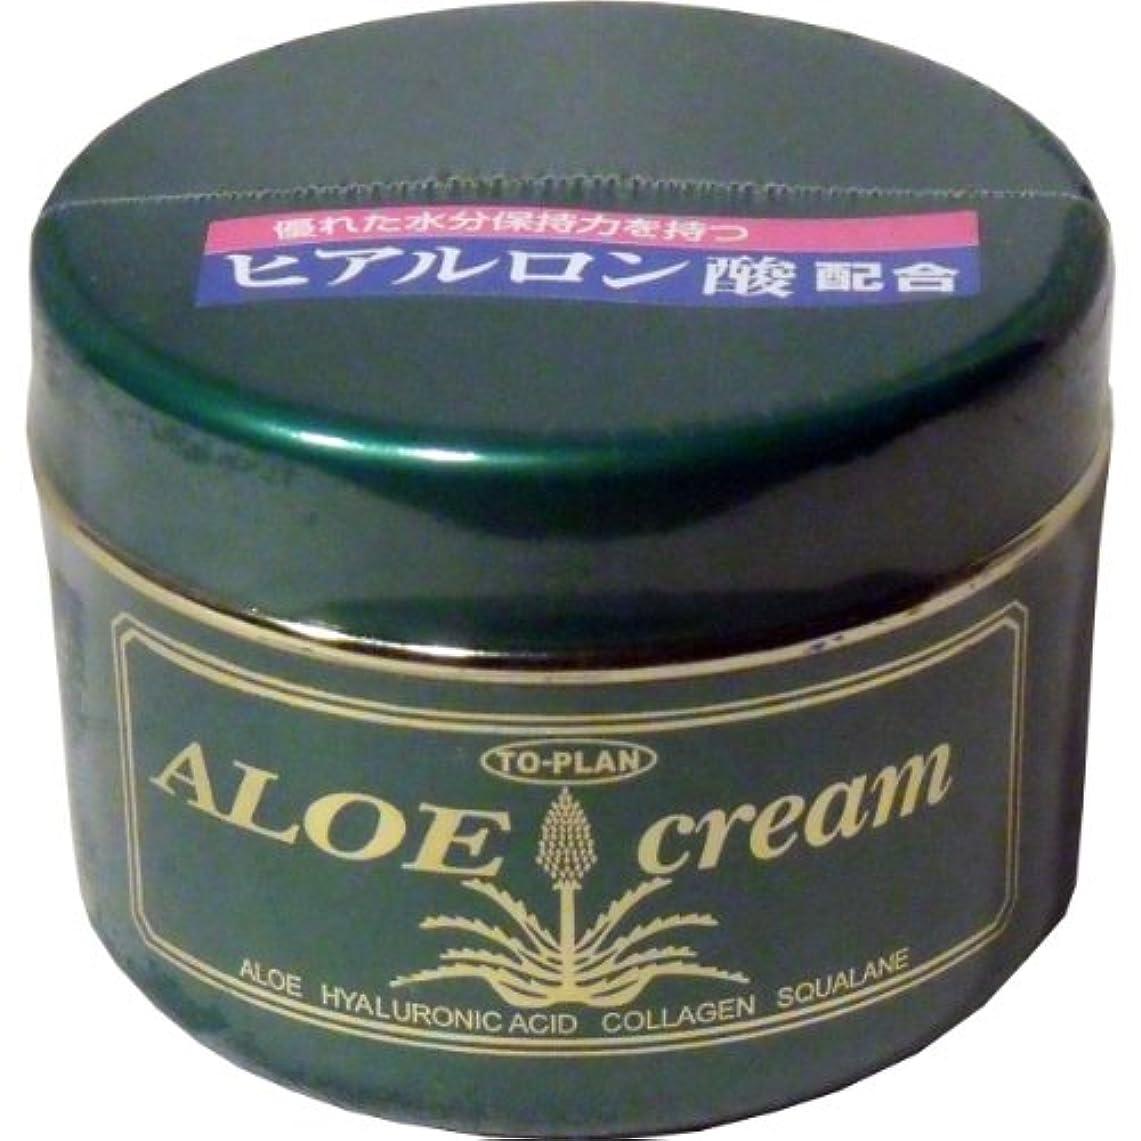 トプラン ハーブフレッシュクリーム(アロエクリーム) ヒアルロン酸 170g ×5個セット